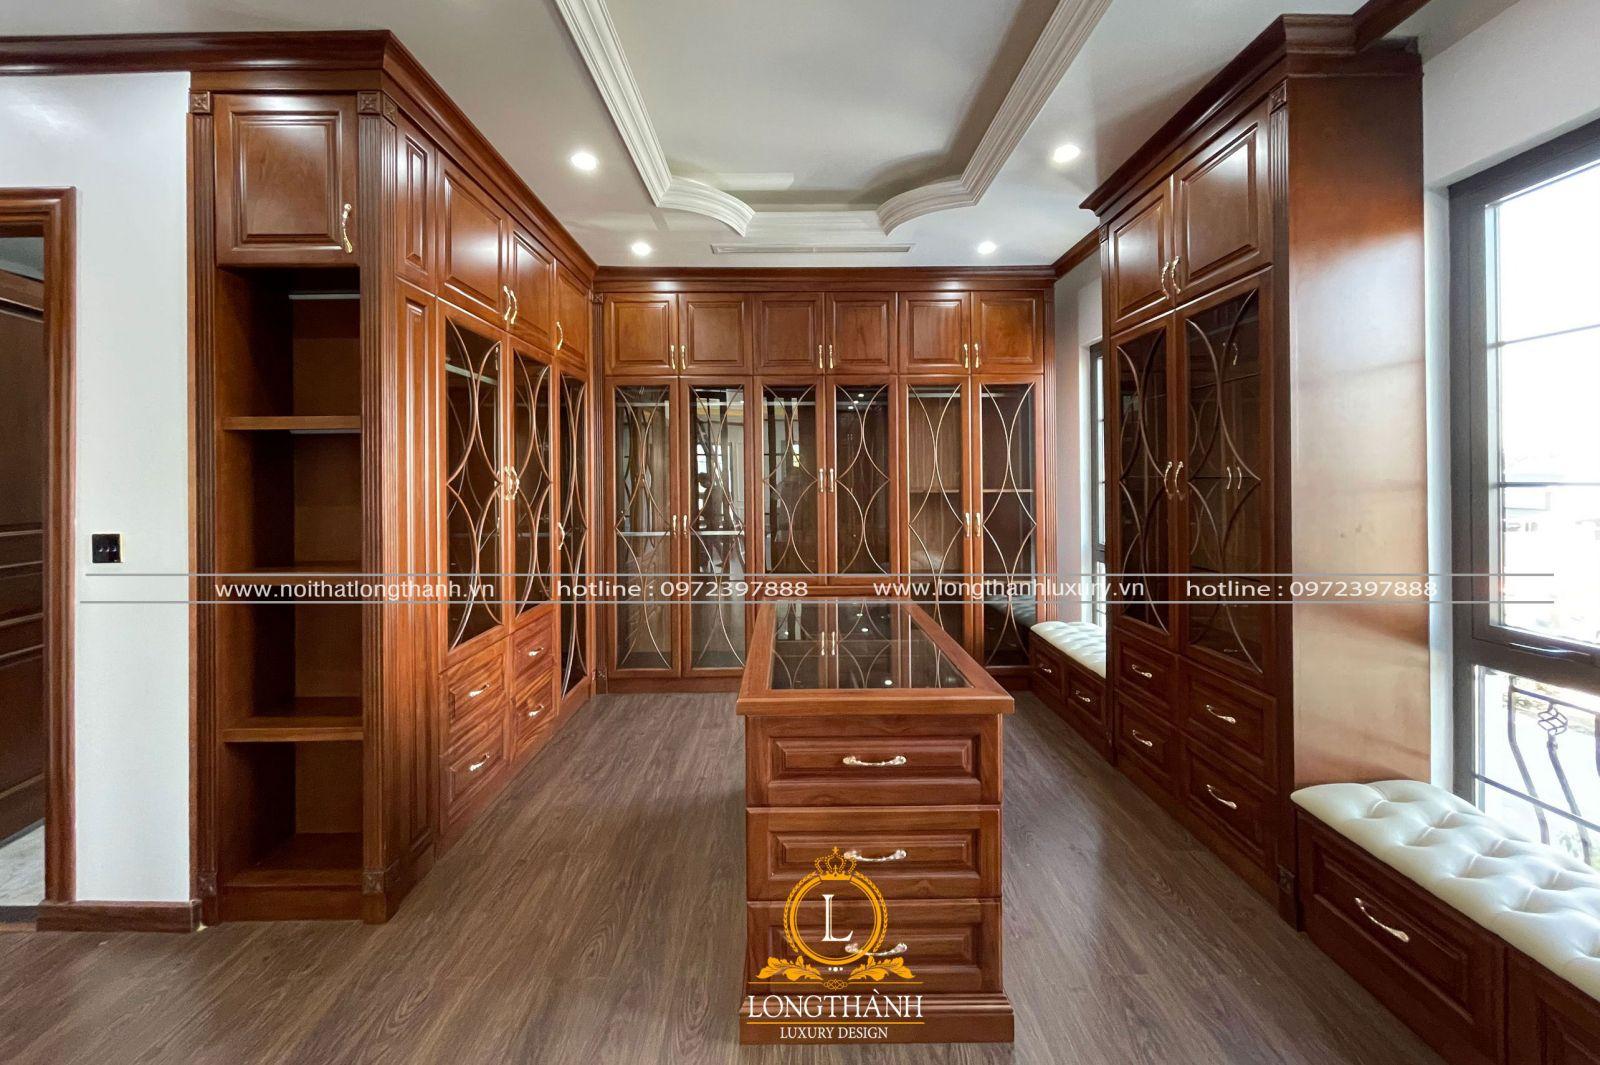 Dự án thiết kế thi công nội thất nhà a Tùng Móng Cái- QN